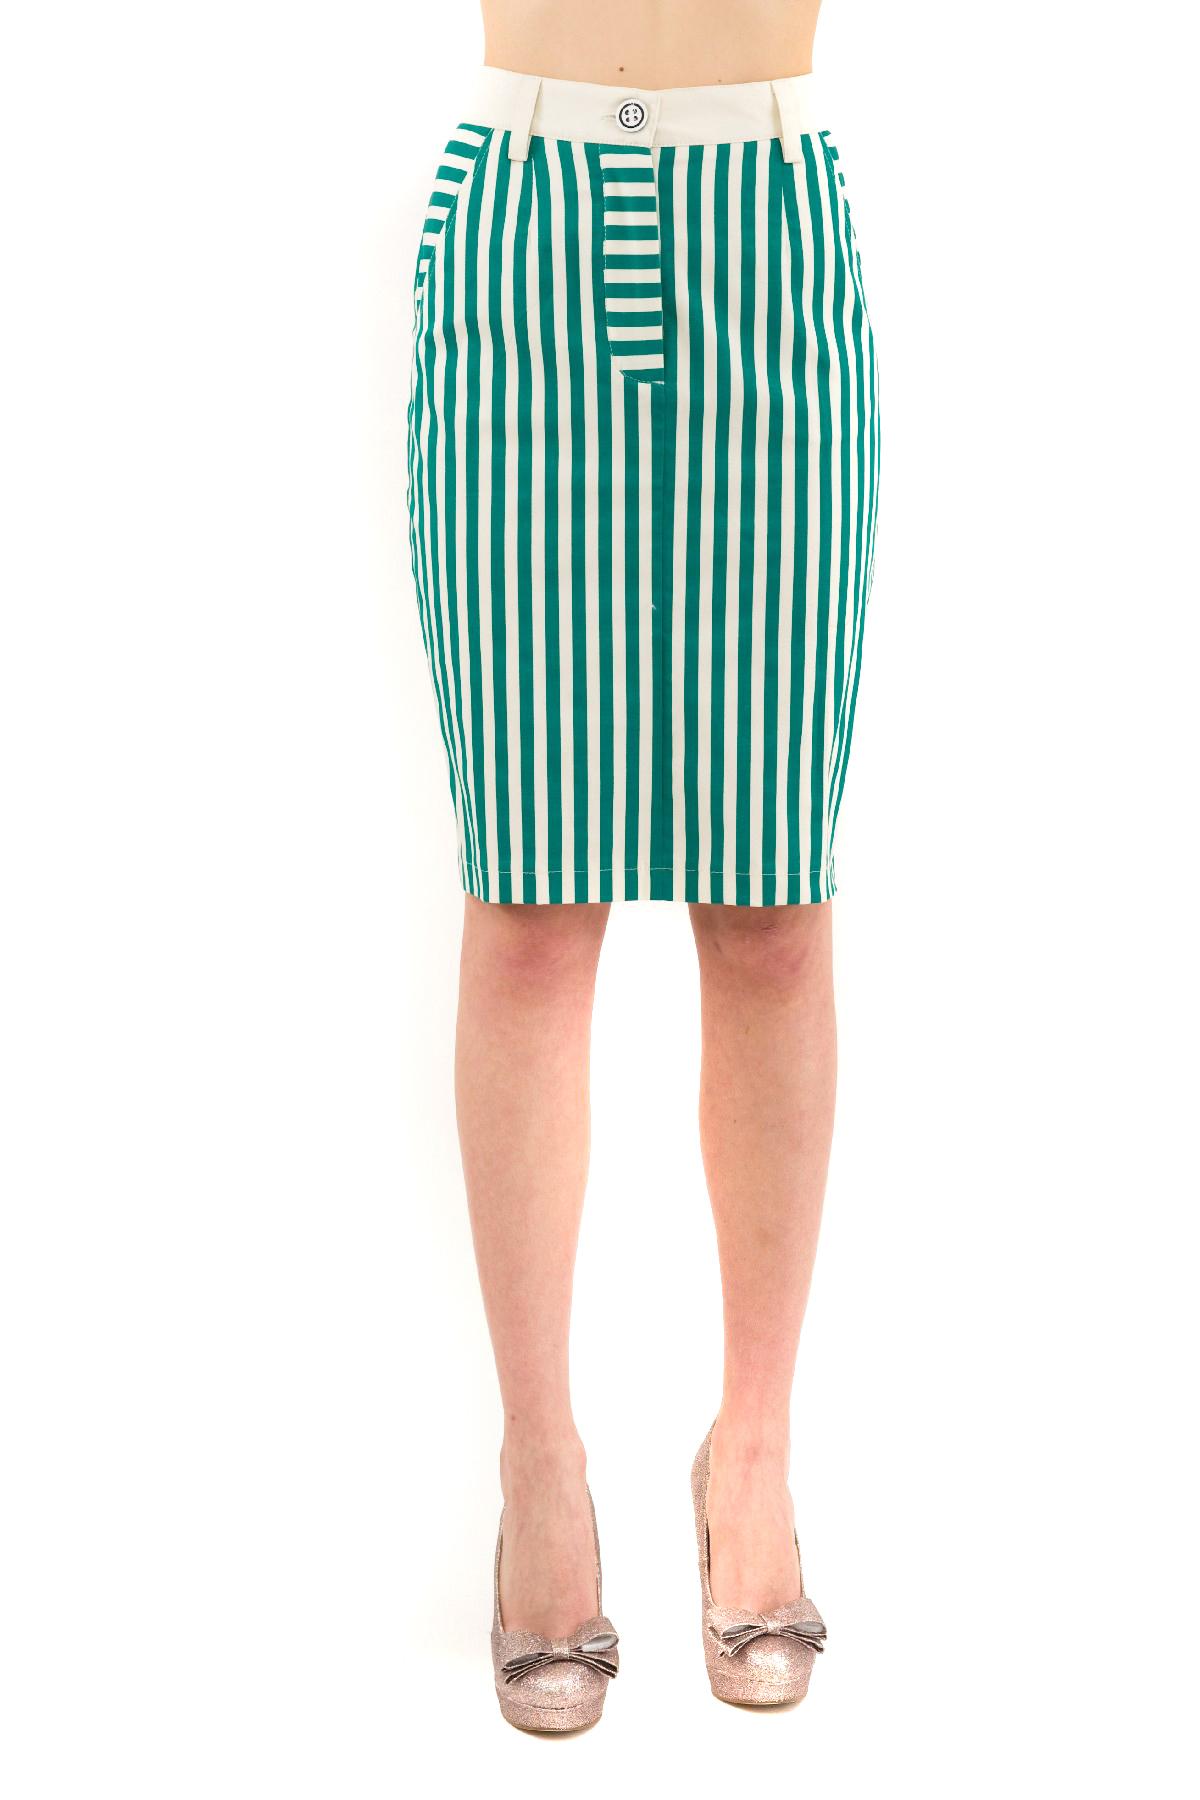 ЮбкаЖенские юбки и брюки<br>Любишь быть в центре внимания? Значит, эта элегантная дизайнерская юбка создана специально для тебя!Яркая, стильная юбка, отвечающая последним fashion- тенденциям, создана для девушек, разбирающихся в модных новинках.<br><br>Цвет: молочный,синий<br>Состав: 97% хлопок, 3% лайкра<br>Размер: 40,42,44<br>Страна дизайна: Россия<br>Страна производства: Россия